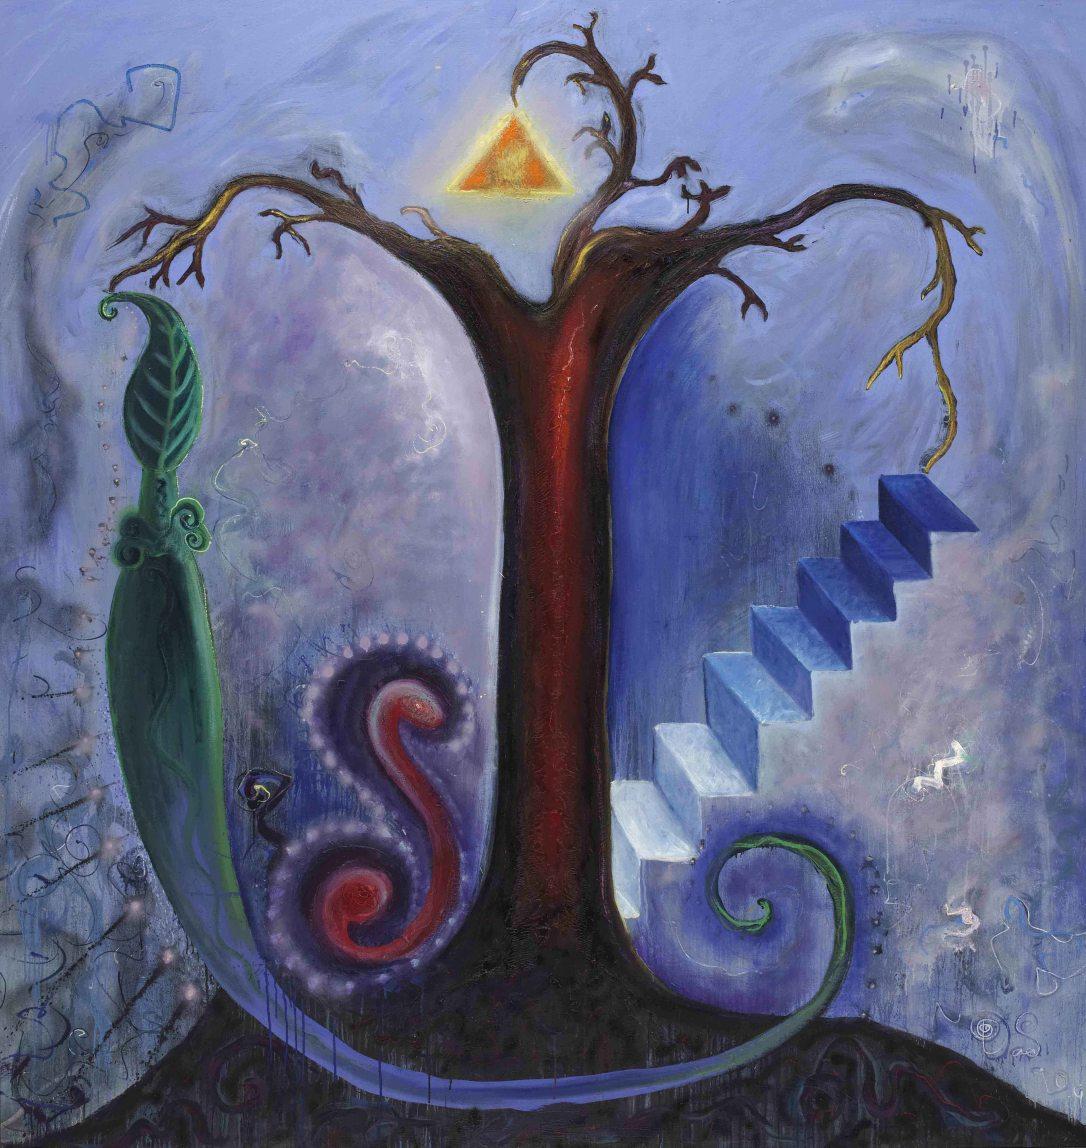 1 Lífsins tré. -Tree of life. 1993 Olía á striga 200 x 210 cm (upprúlluð með blinramma)(upprúlluð með blinramma)